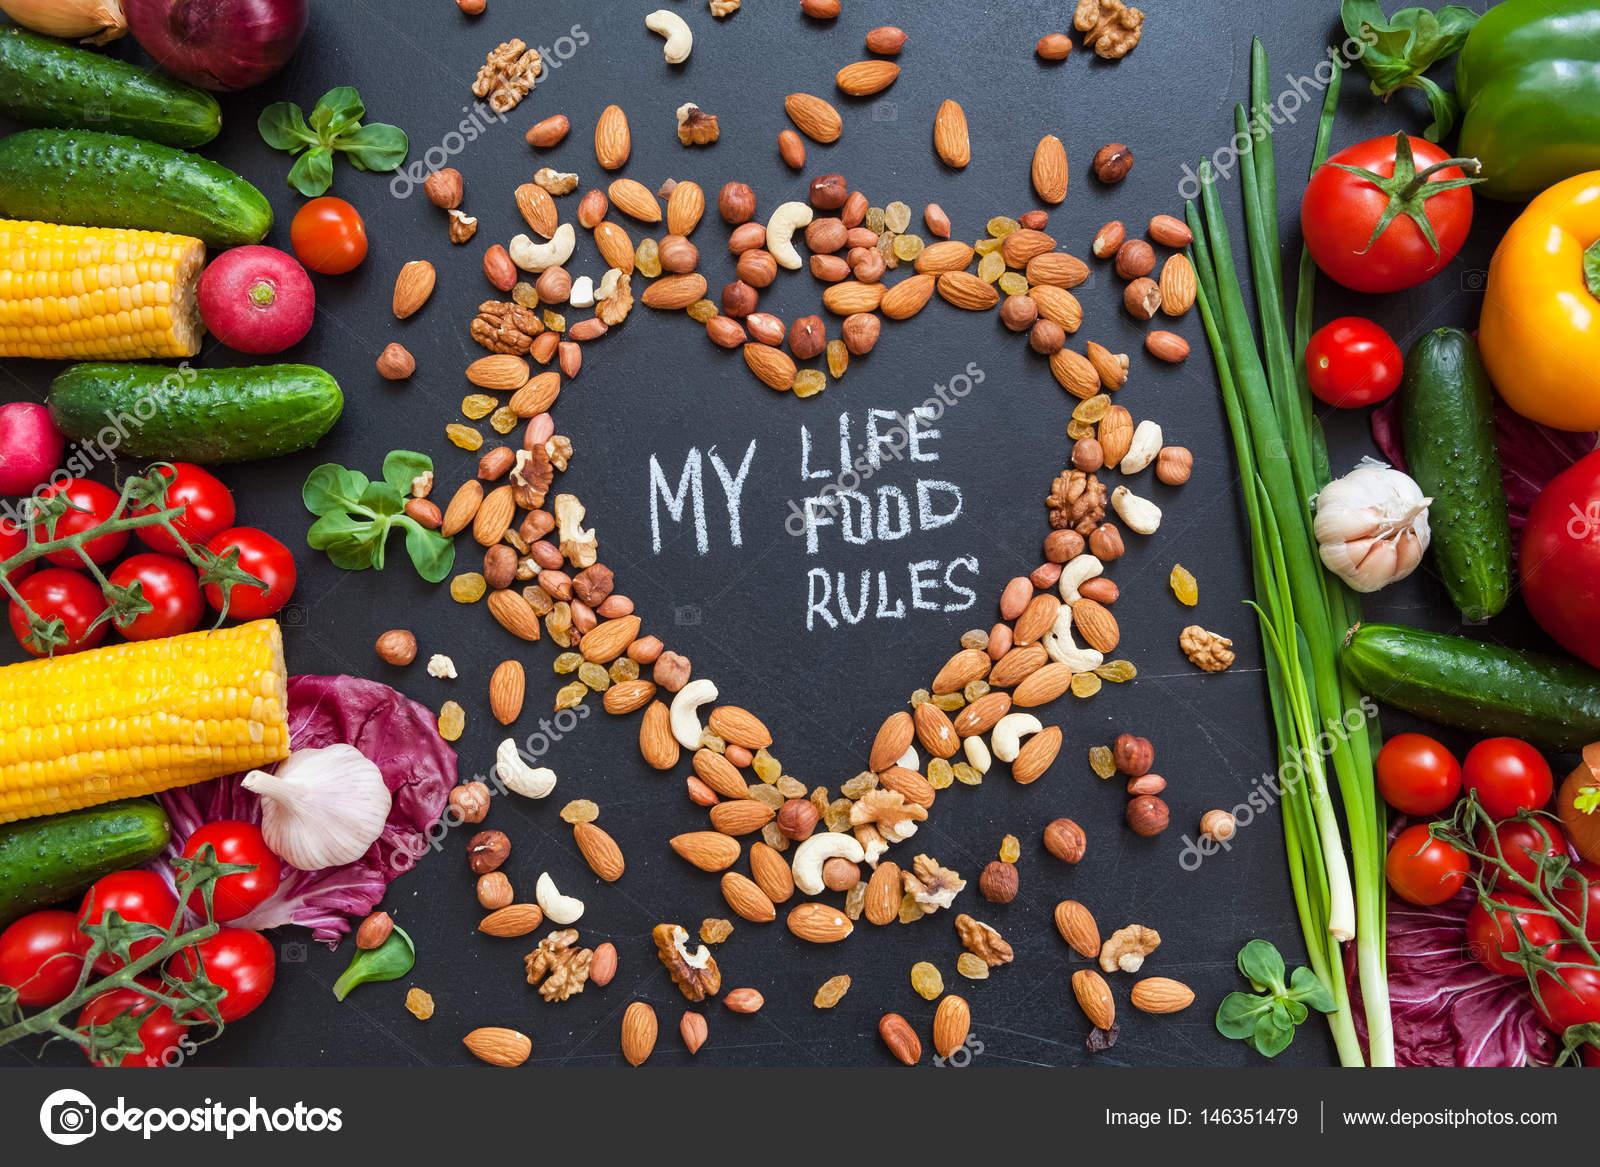 Imágenes Alimentos Saludables Con Frases Fondo Alimentos